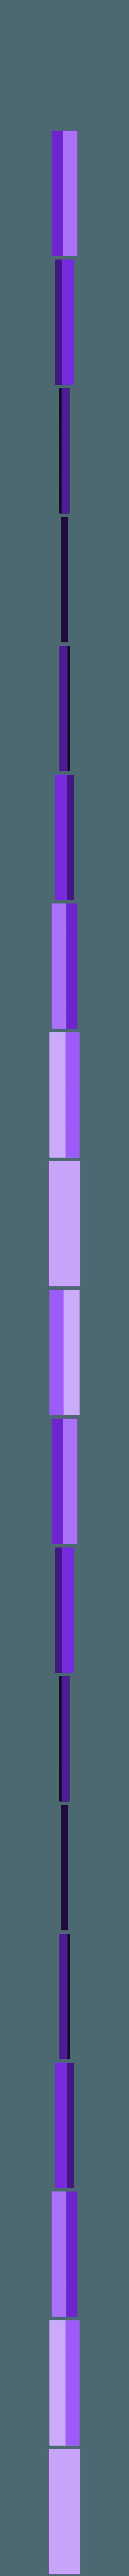 espada trunks 2.stl Download free STL file sword trunks • 3D print template, Marc3D